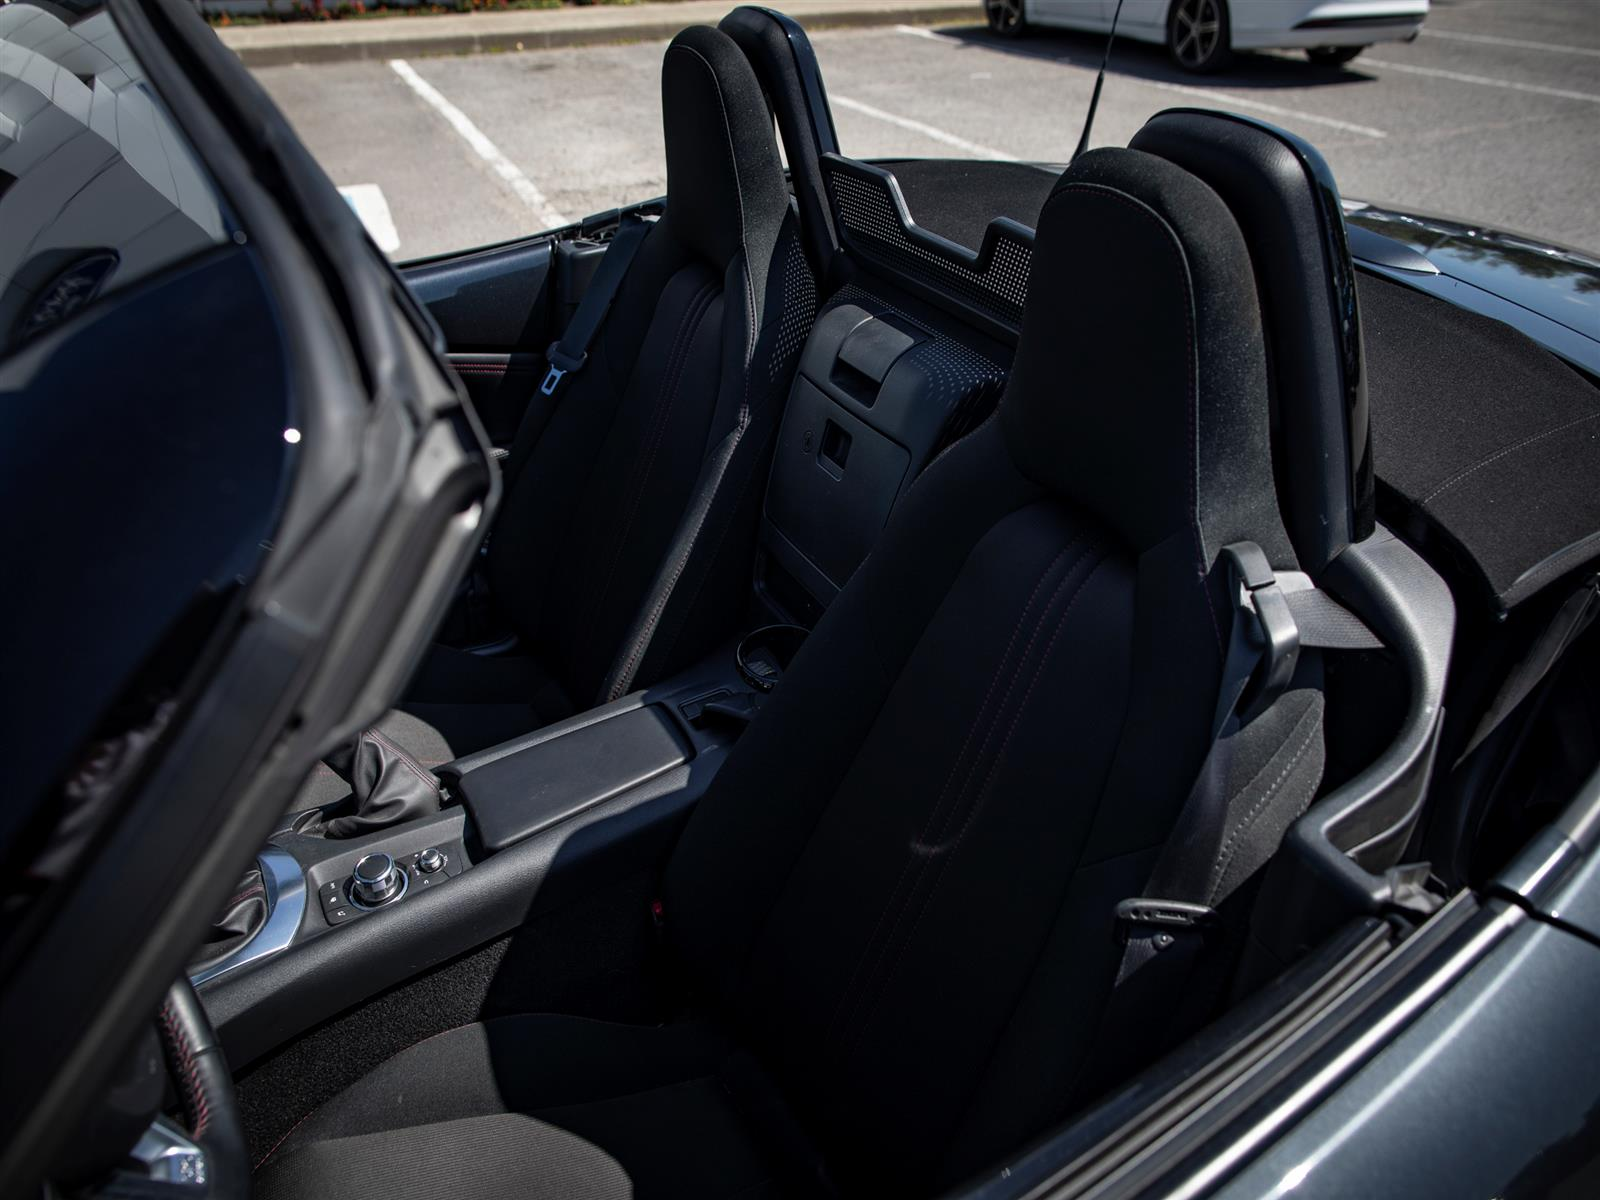 2016 Mazda MX-5 Miata